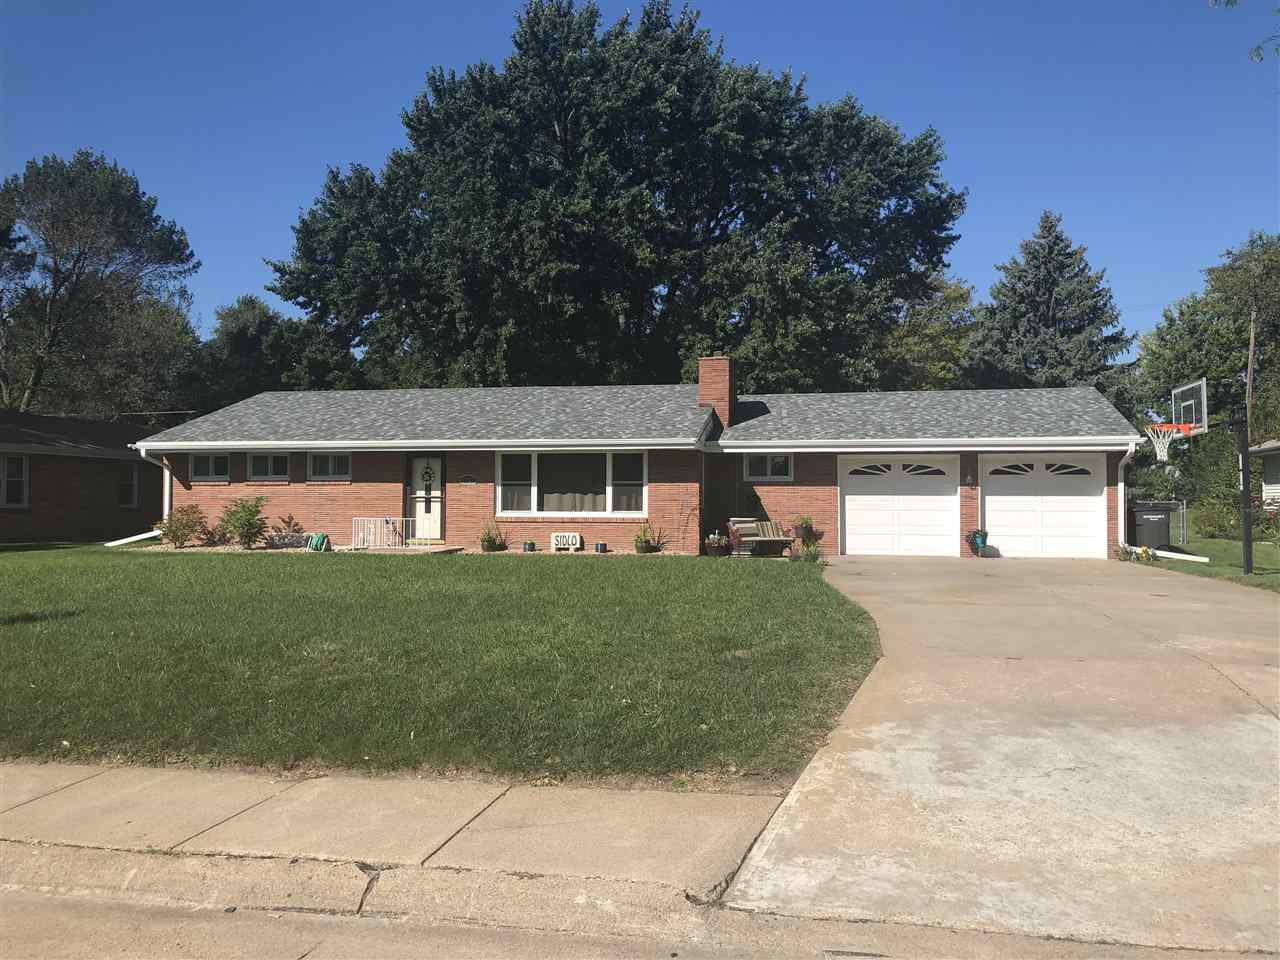 1247 Pershing Rd., Hastings, Nebraska